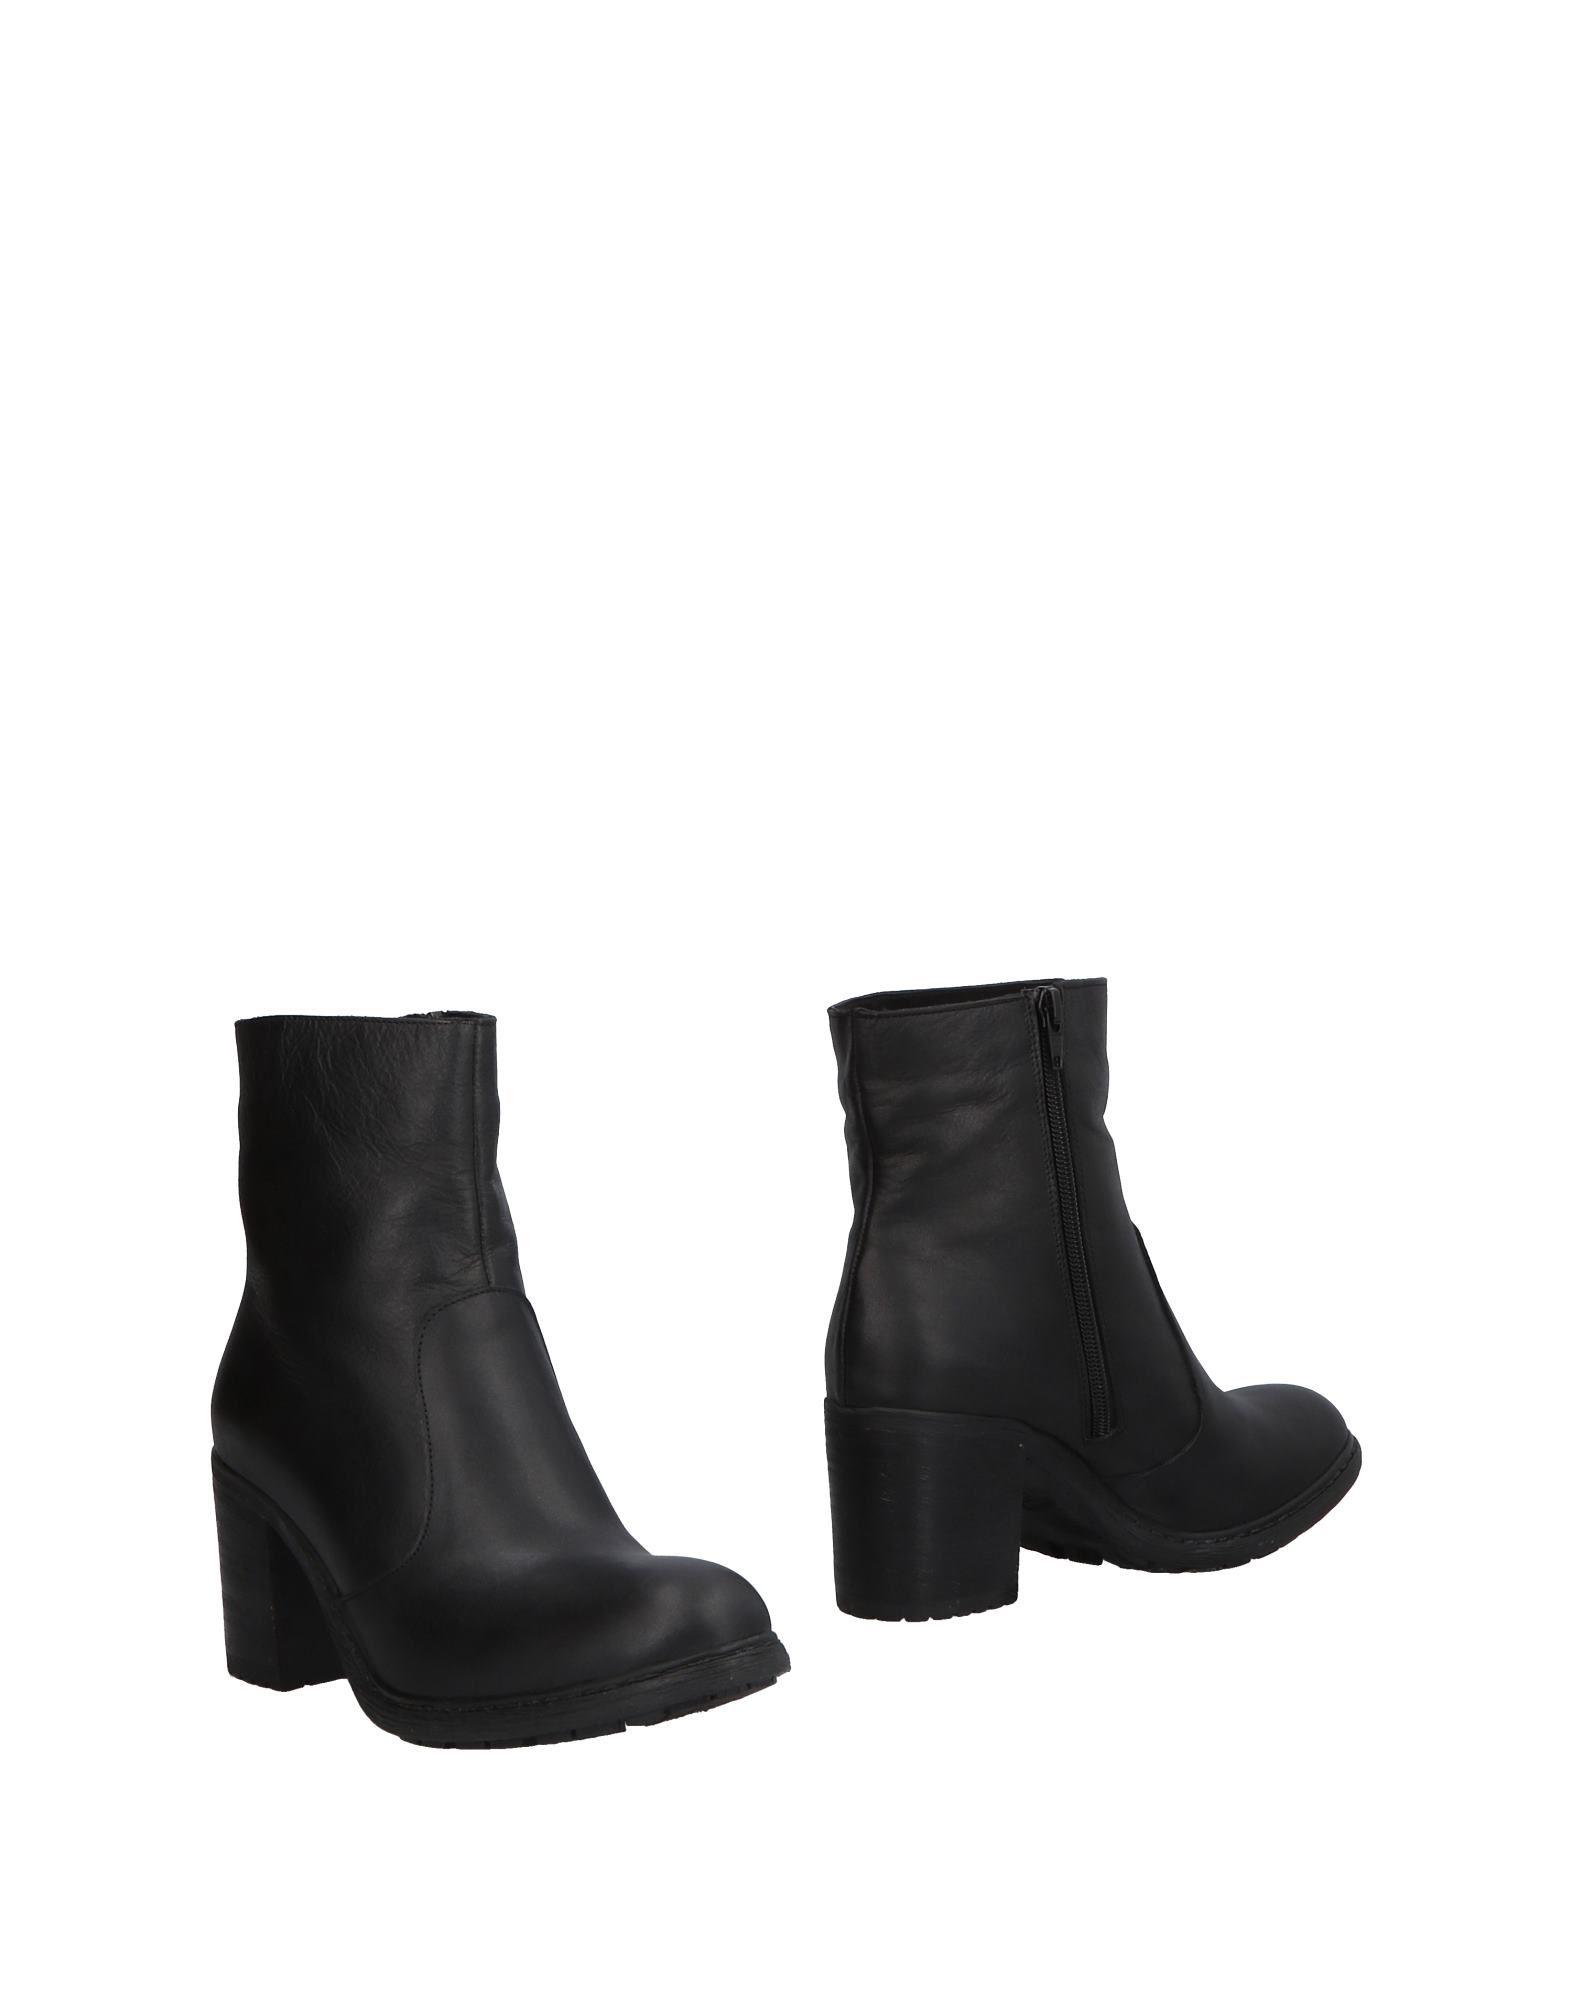 Bueno Stiefelette Damen  11506429IX Gute Qualität beliebte Schuhe